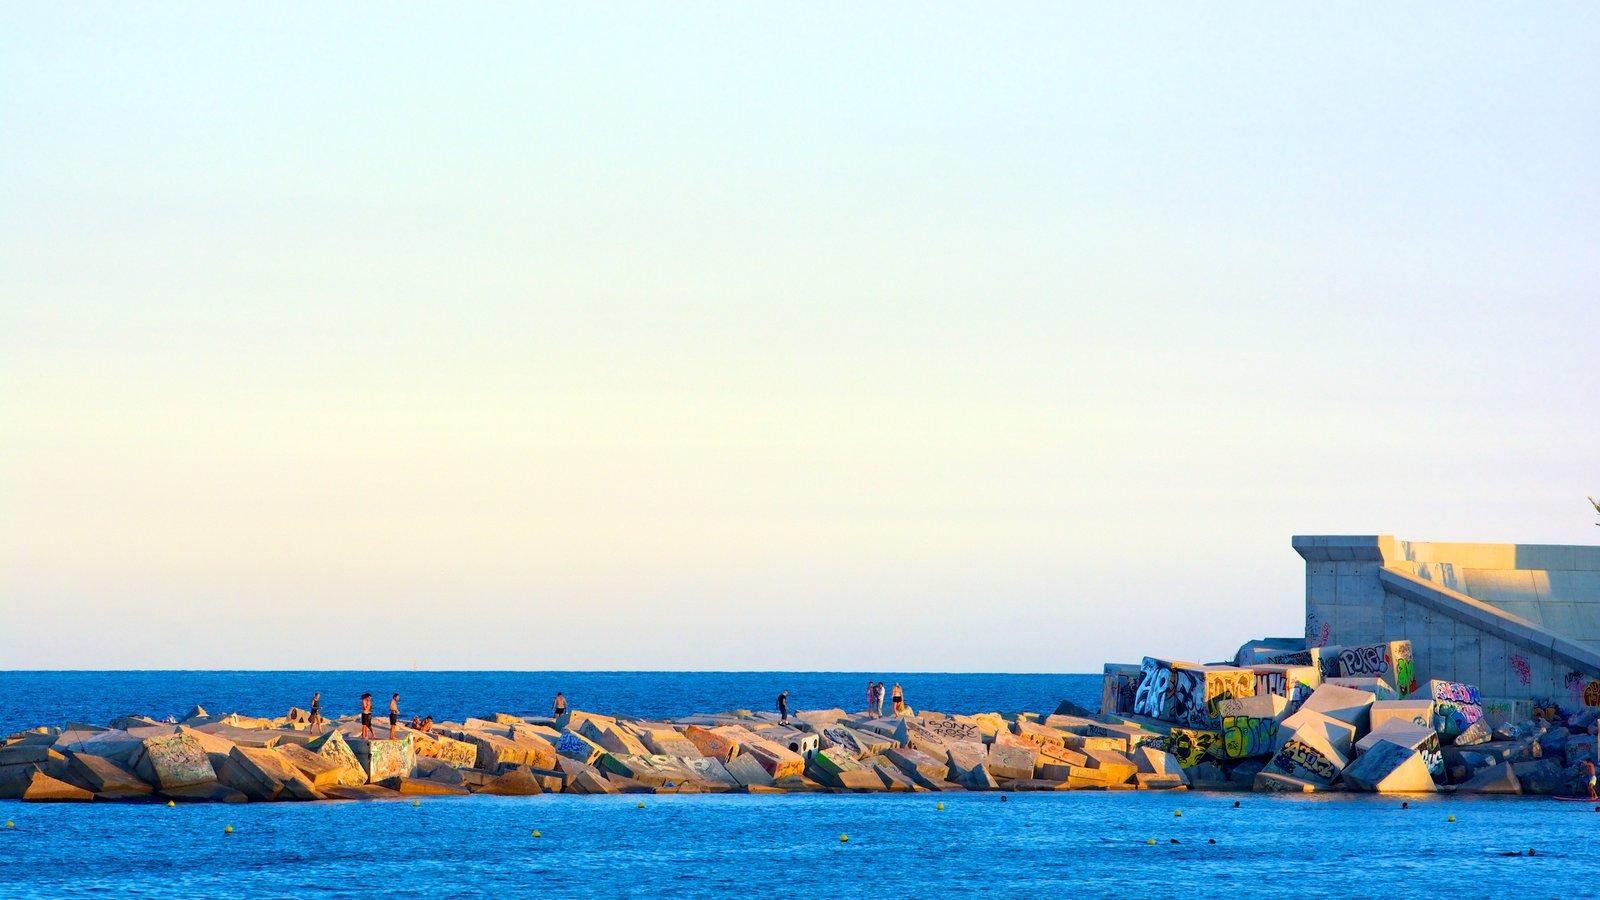 Barceloneta Beach featuring general coastal views and views